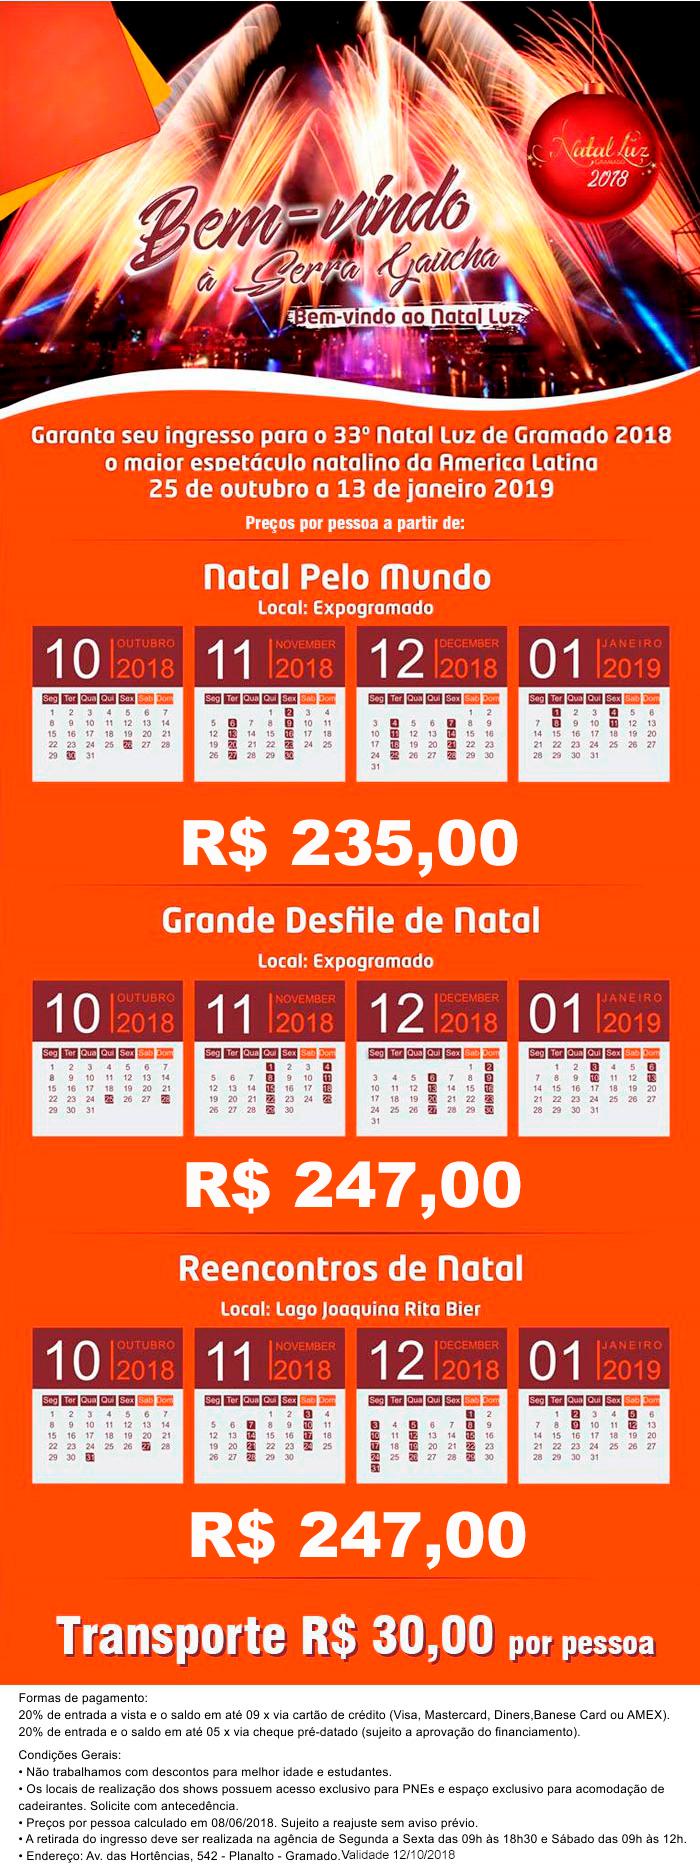 20180814_NatalLuz_Serra_Gaucha.png (700×1872)